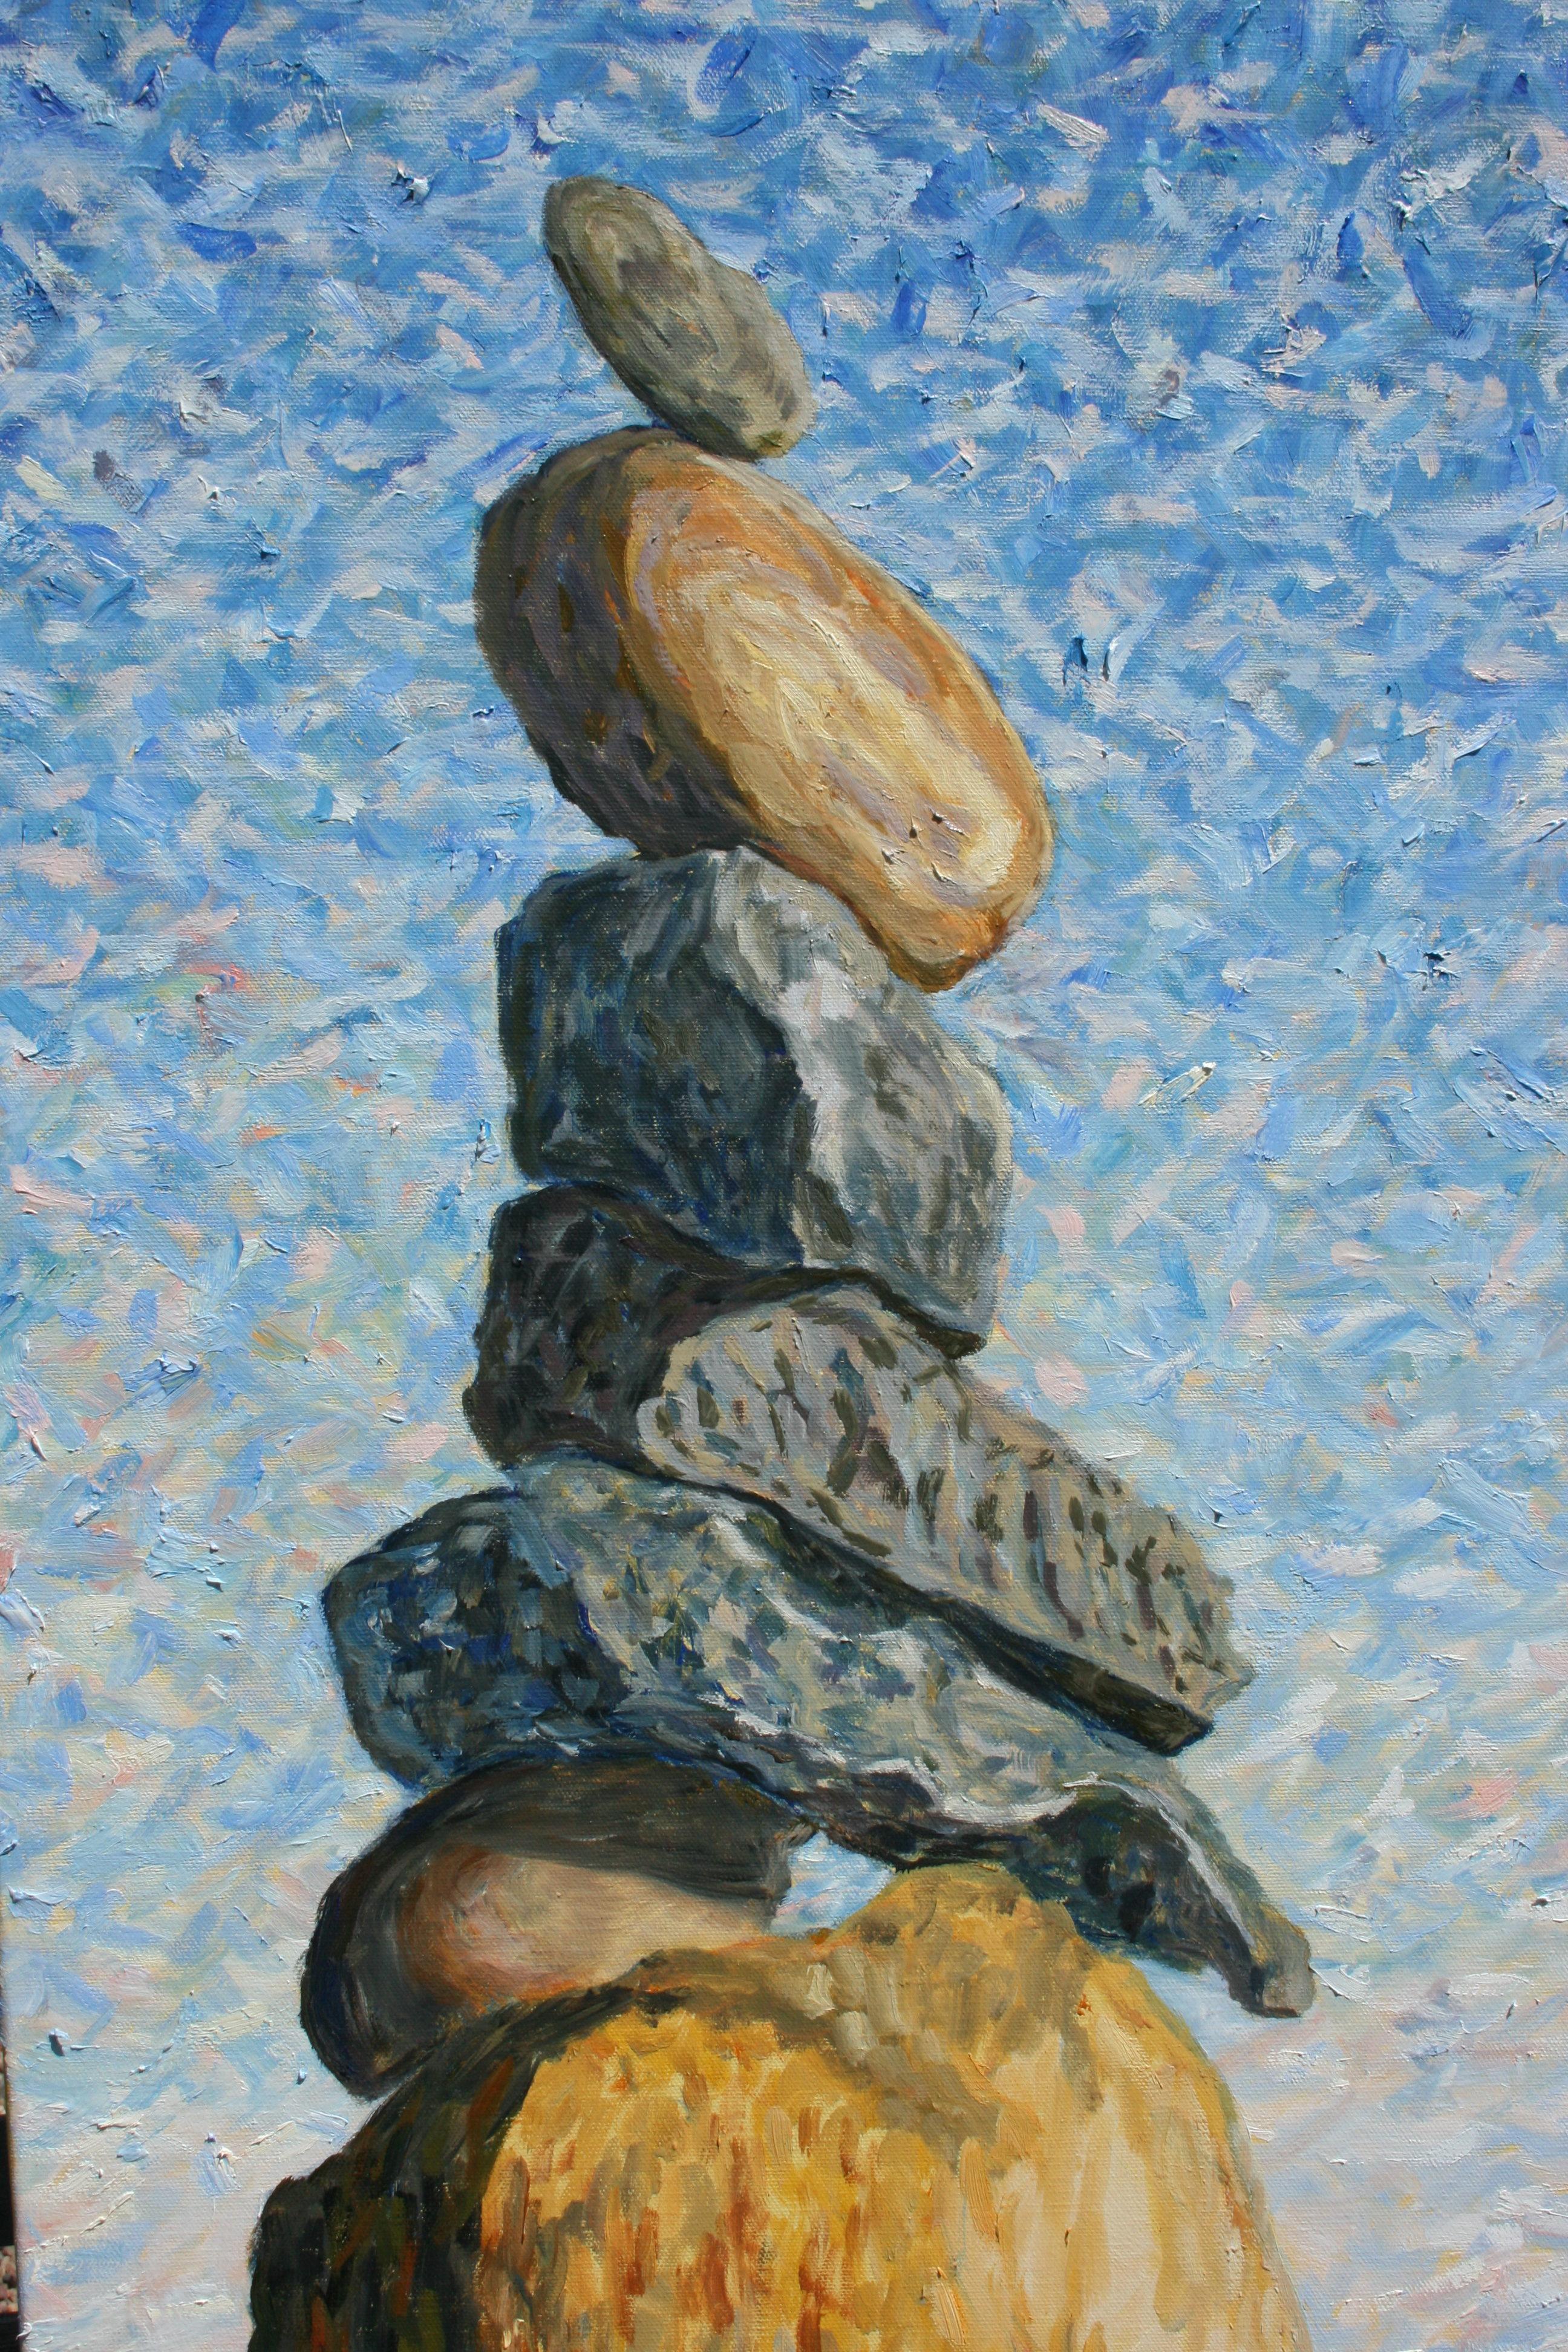 Rock Sculpture #1 (detail)